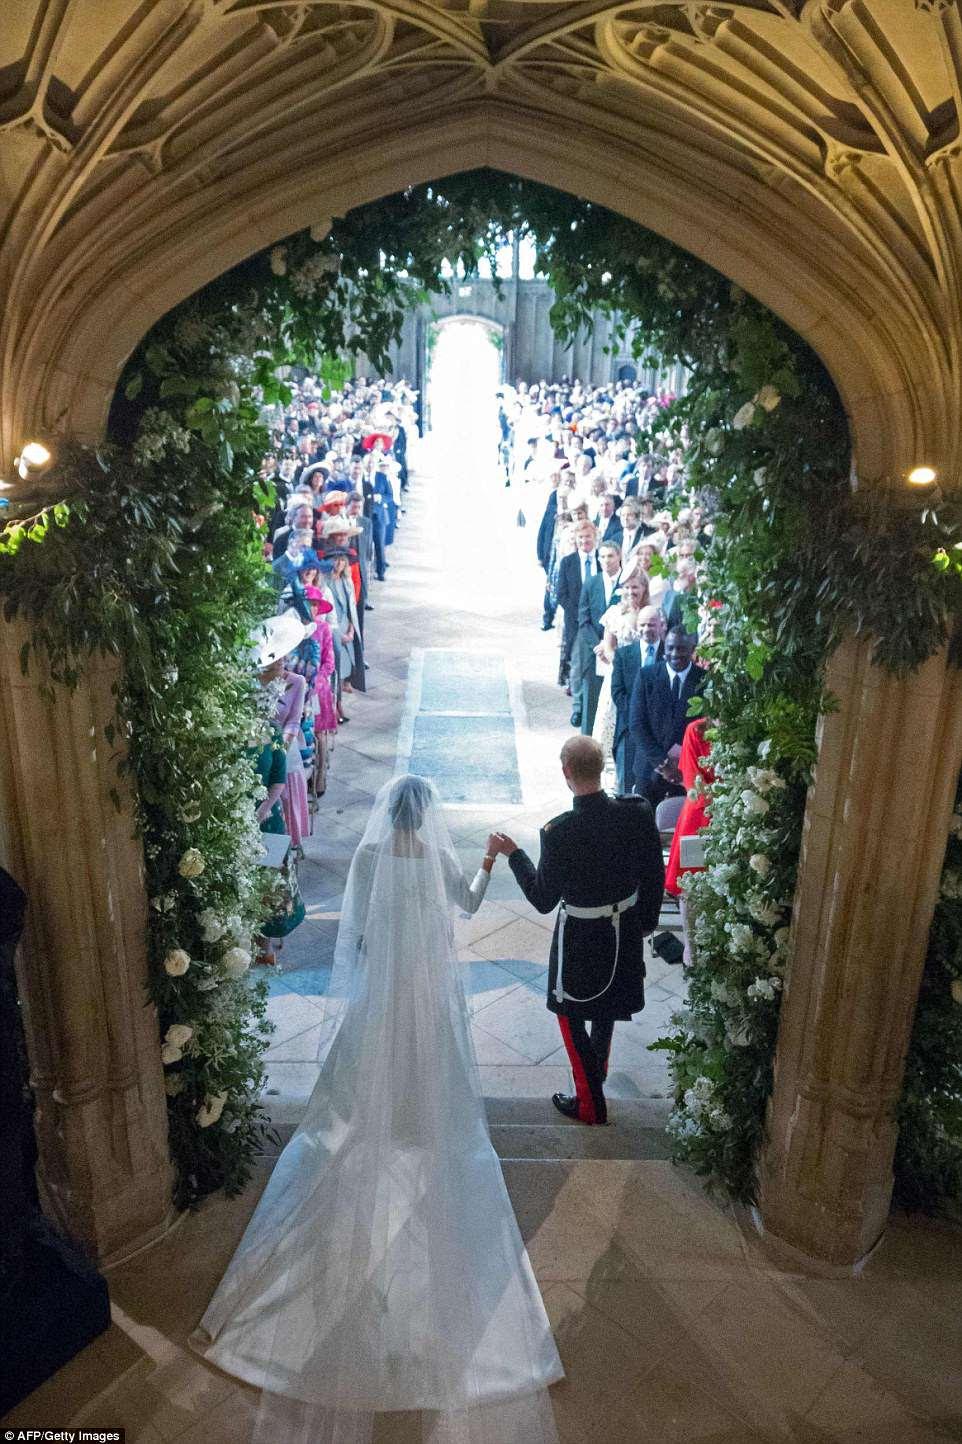 Meghan y Harry salen de la capilla después de intercambiar los votos en una boda bastante extraordinaria